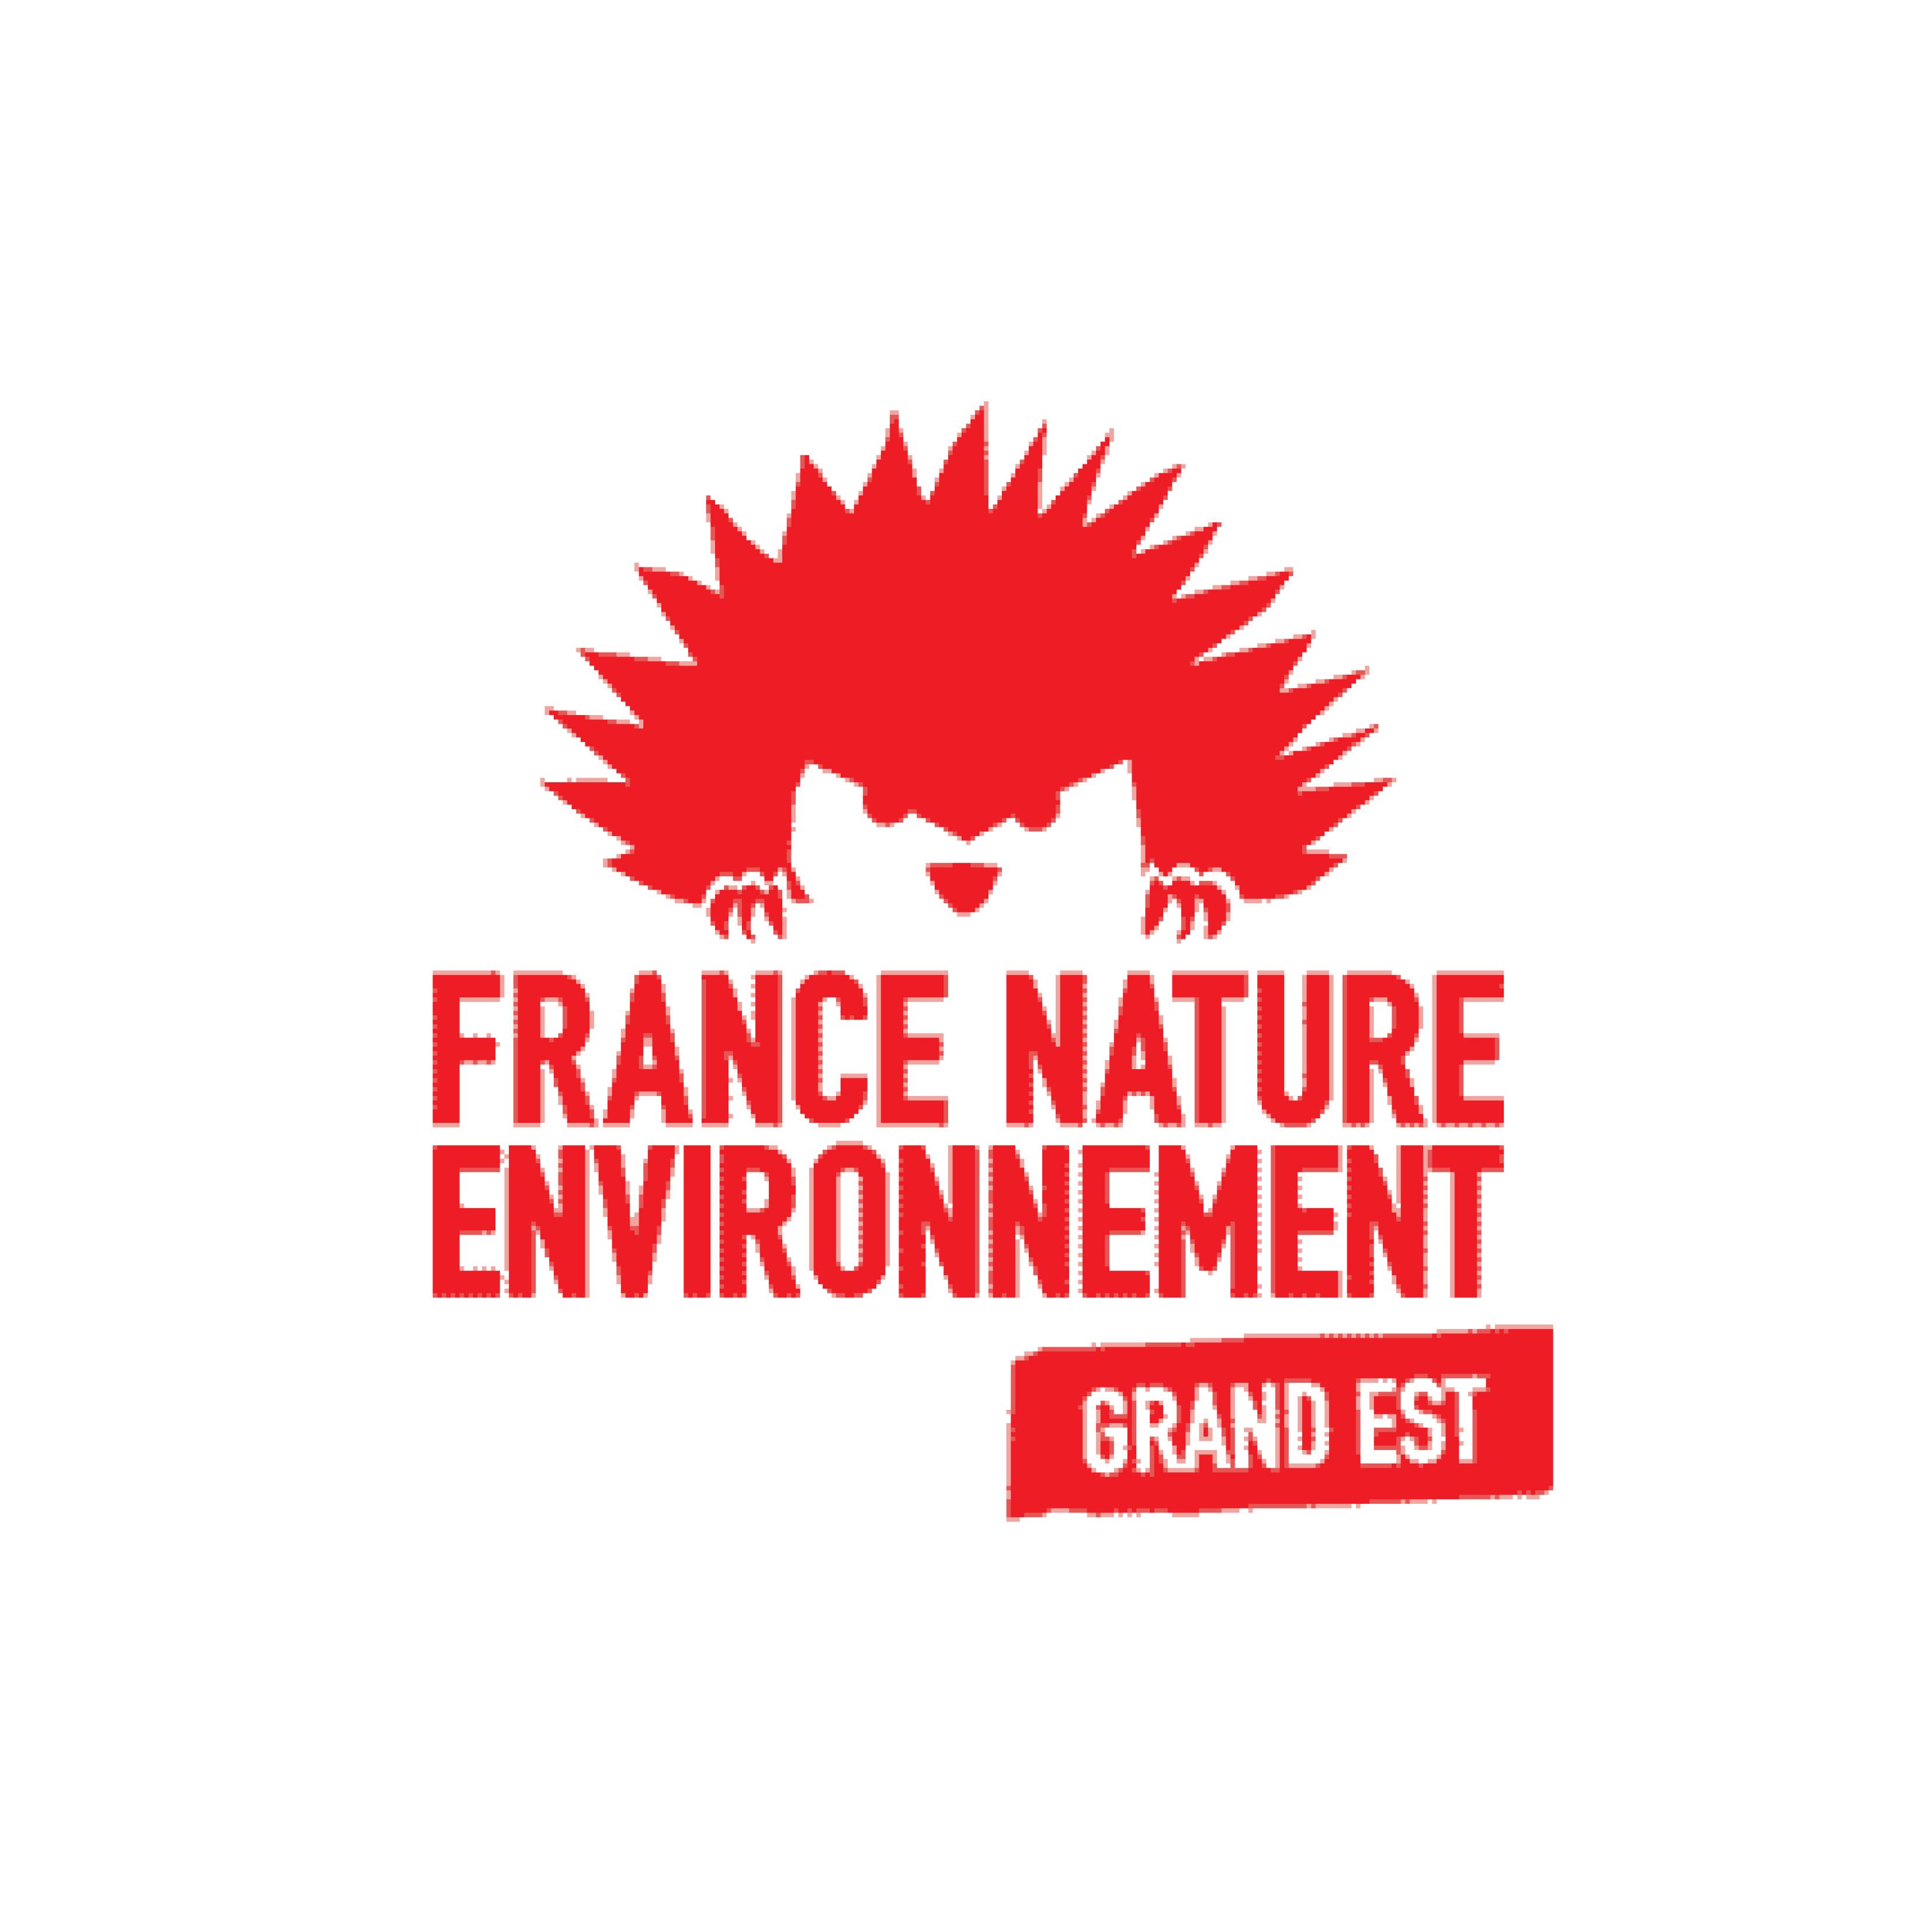 France Nature Environnement Grand Est